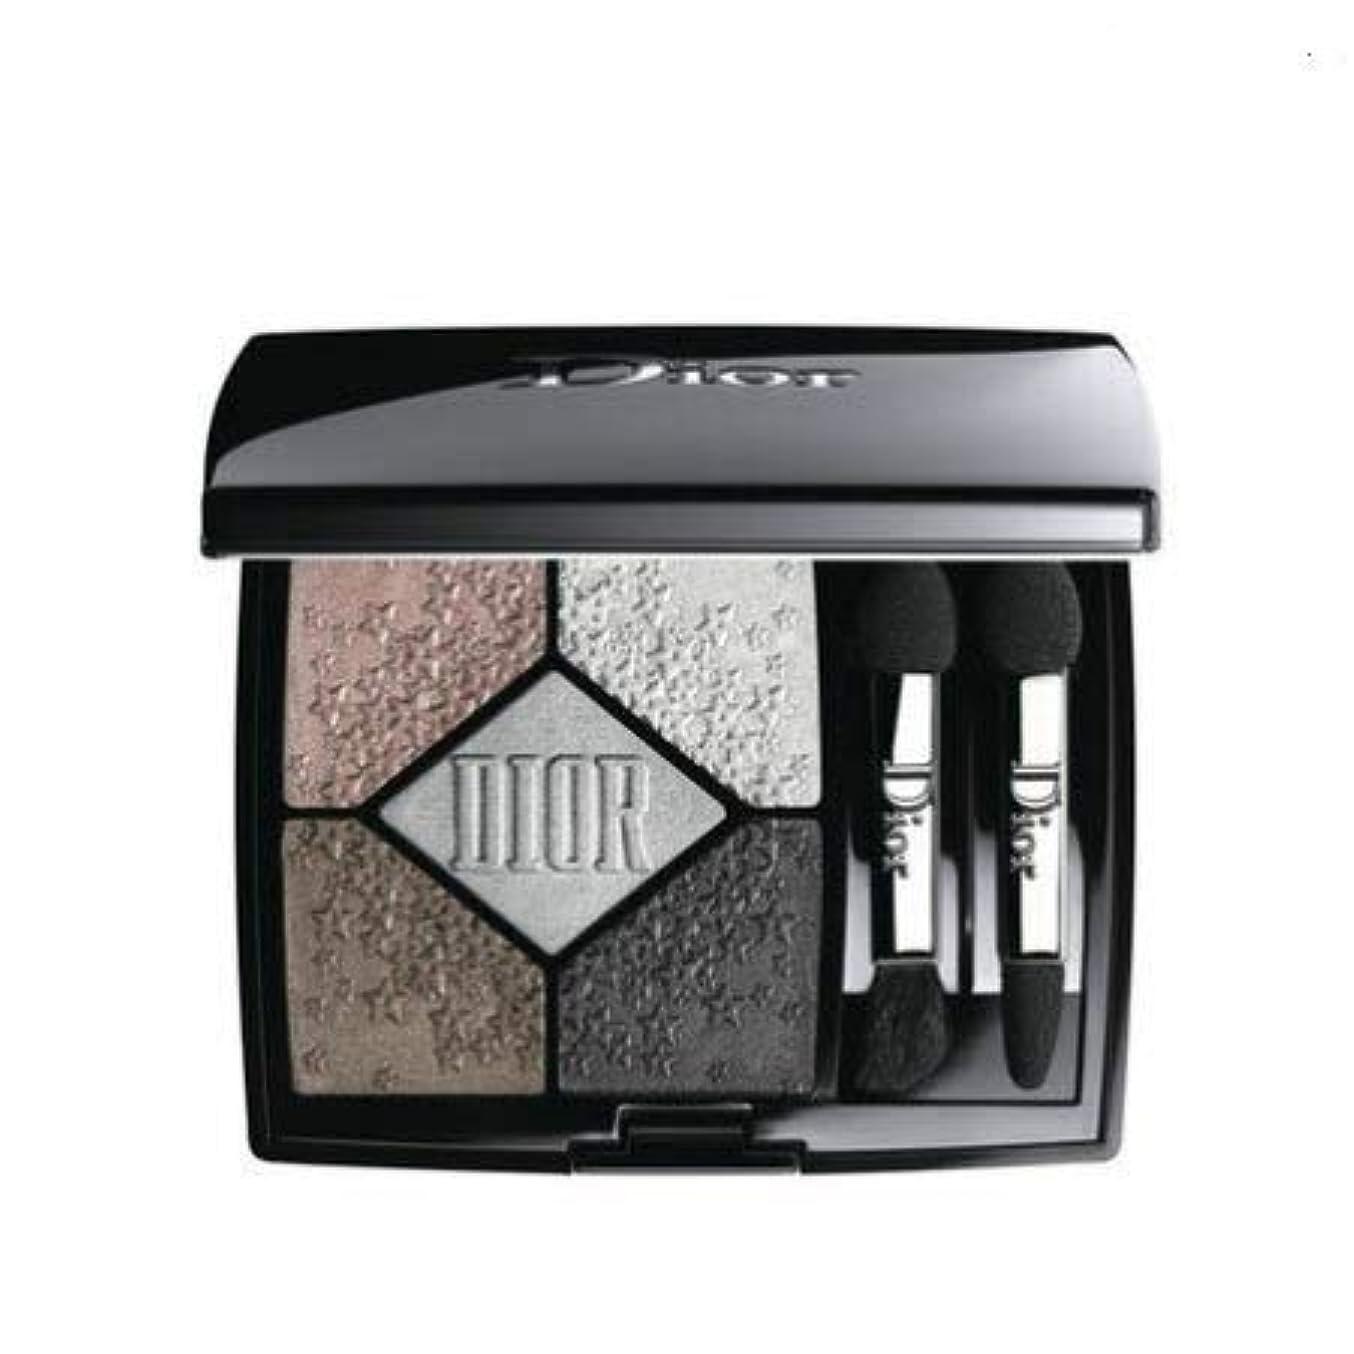 カテゴリーくるみ未来ディオール サンク クルール #057 ムーンライト 限定色 -Dior-